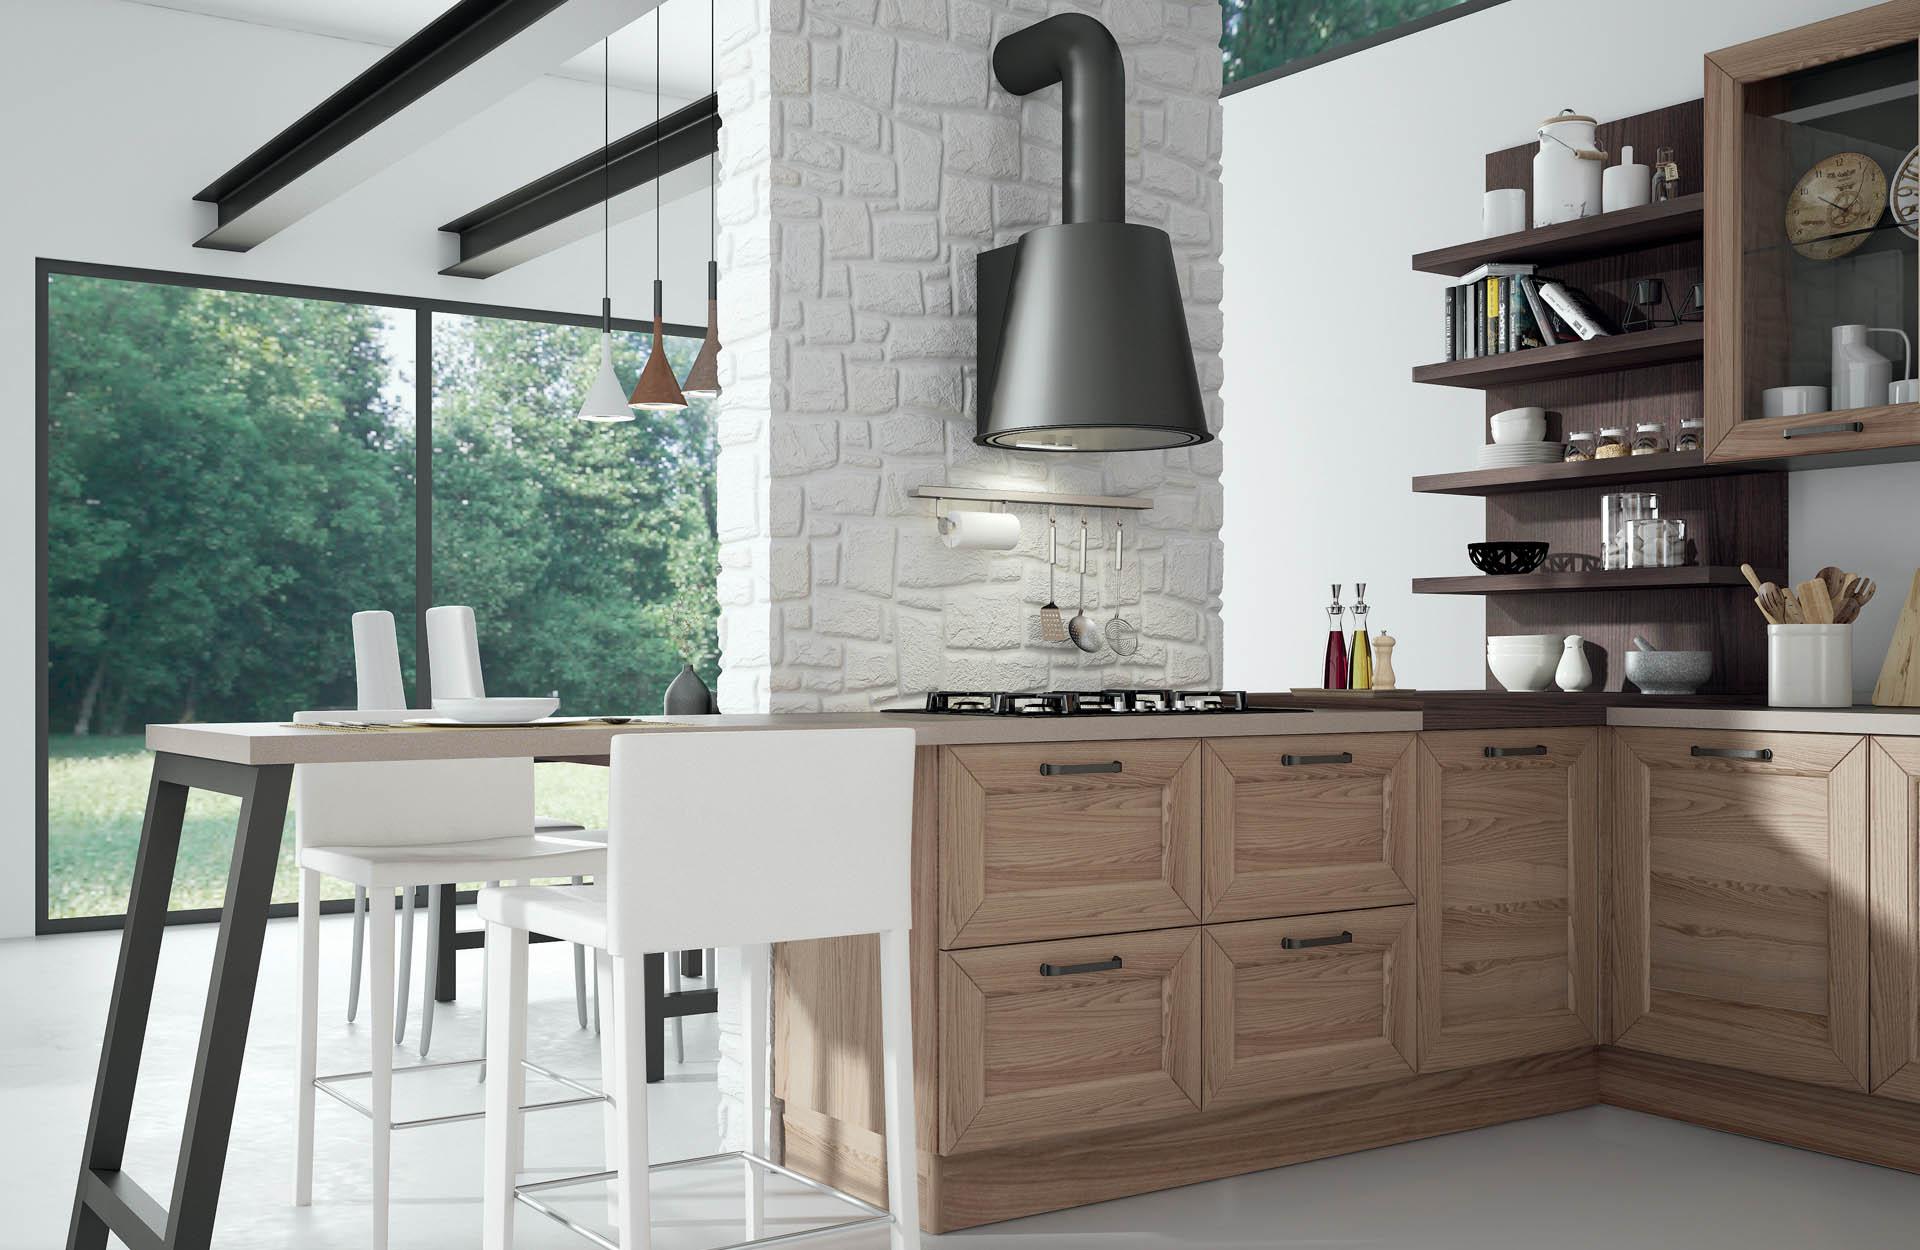 Legno Laminato Per Mobili i tipi di legno per i mobili della cucina - sanasi cucine